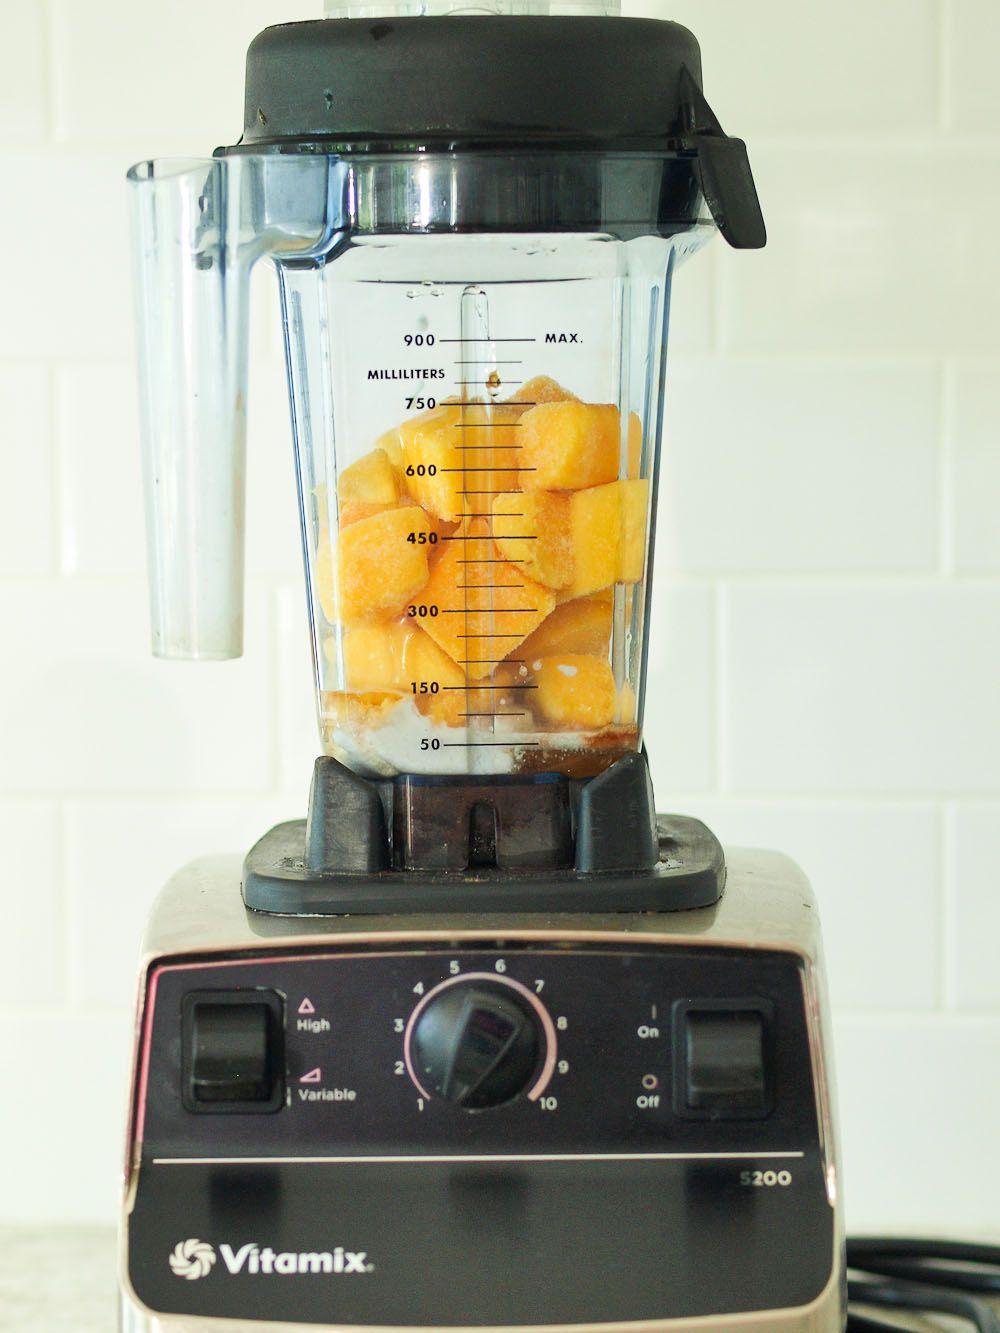 5minutecreamymangoicecream with images mango ice